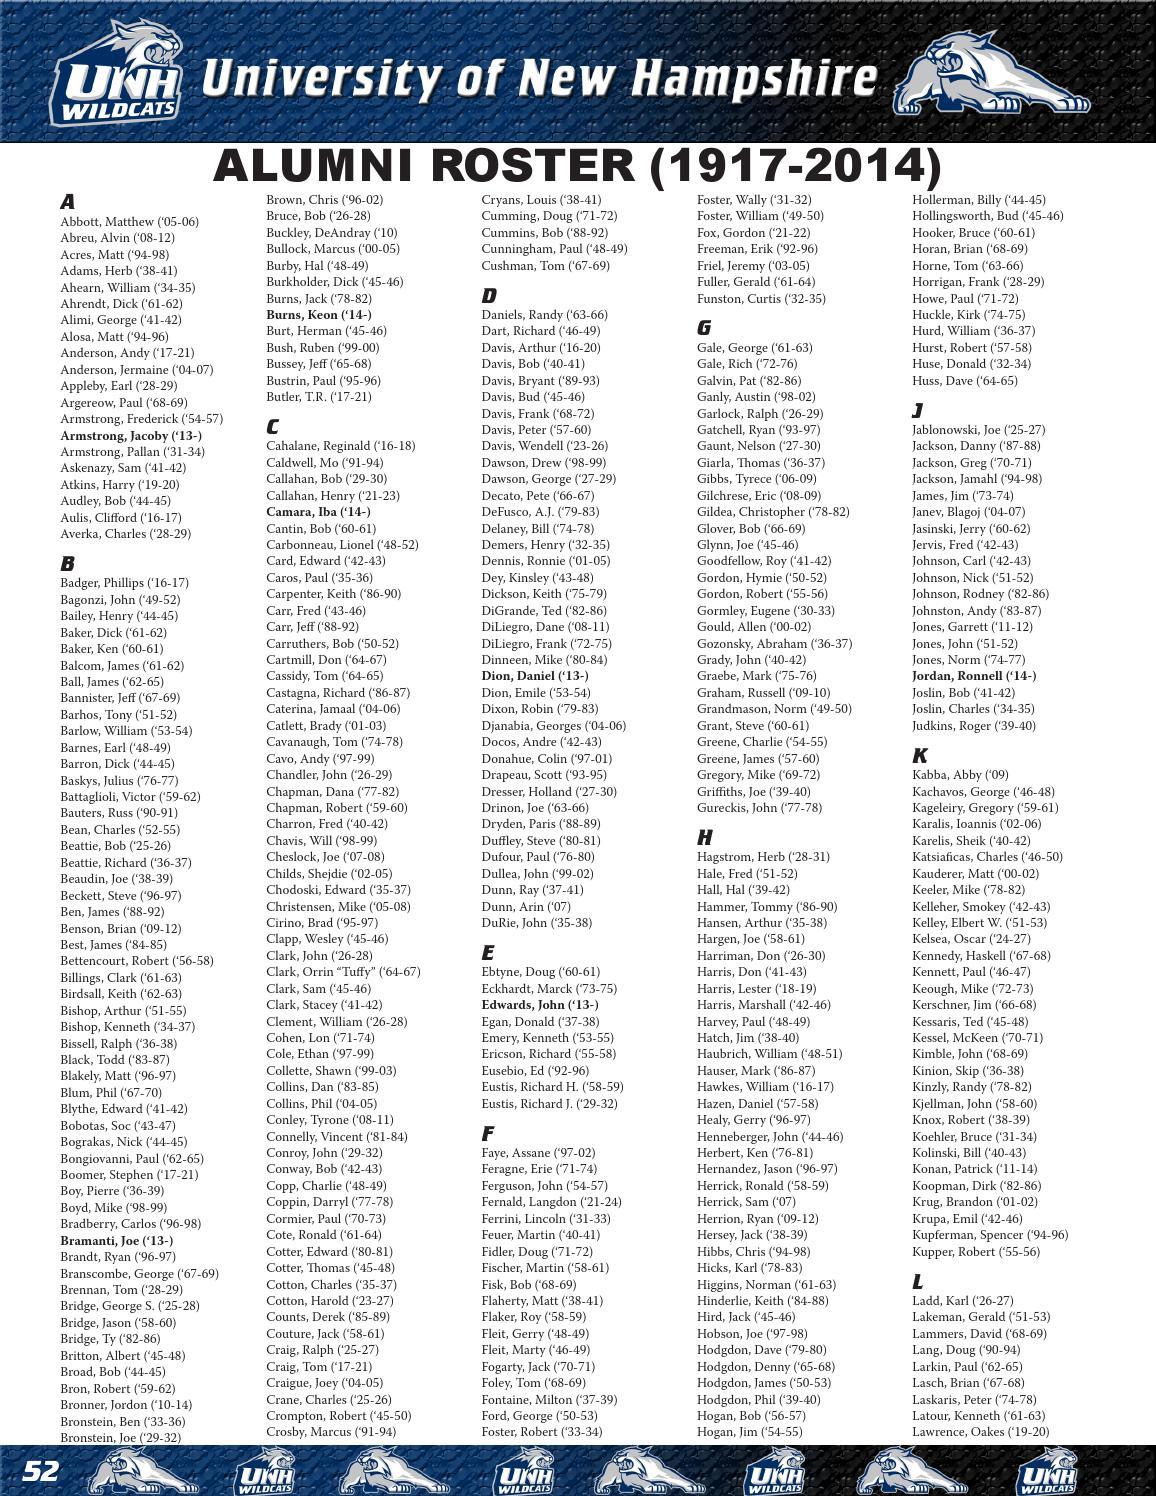 2014-15 Men's Basketball Media Guide